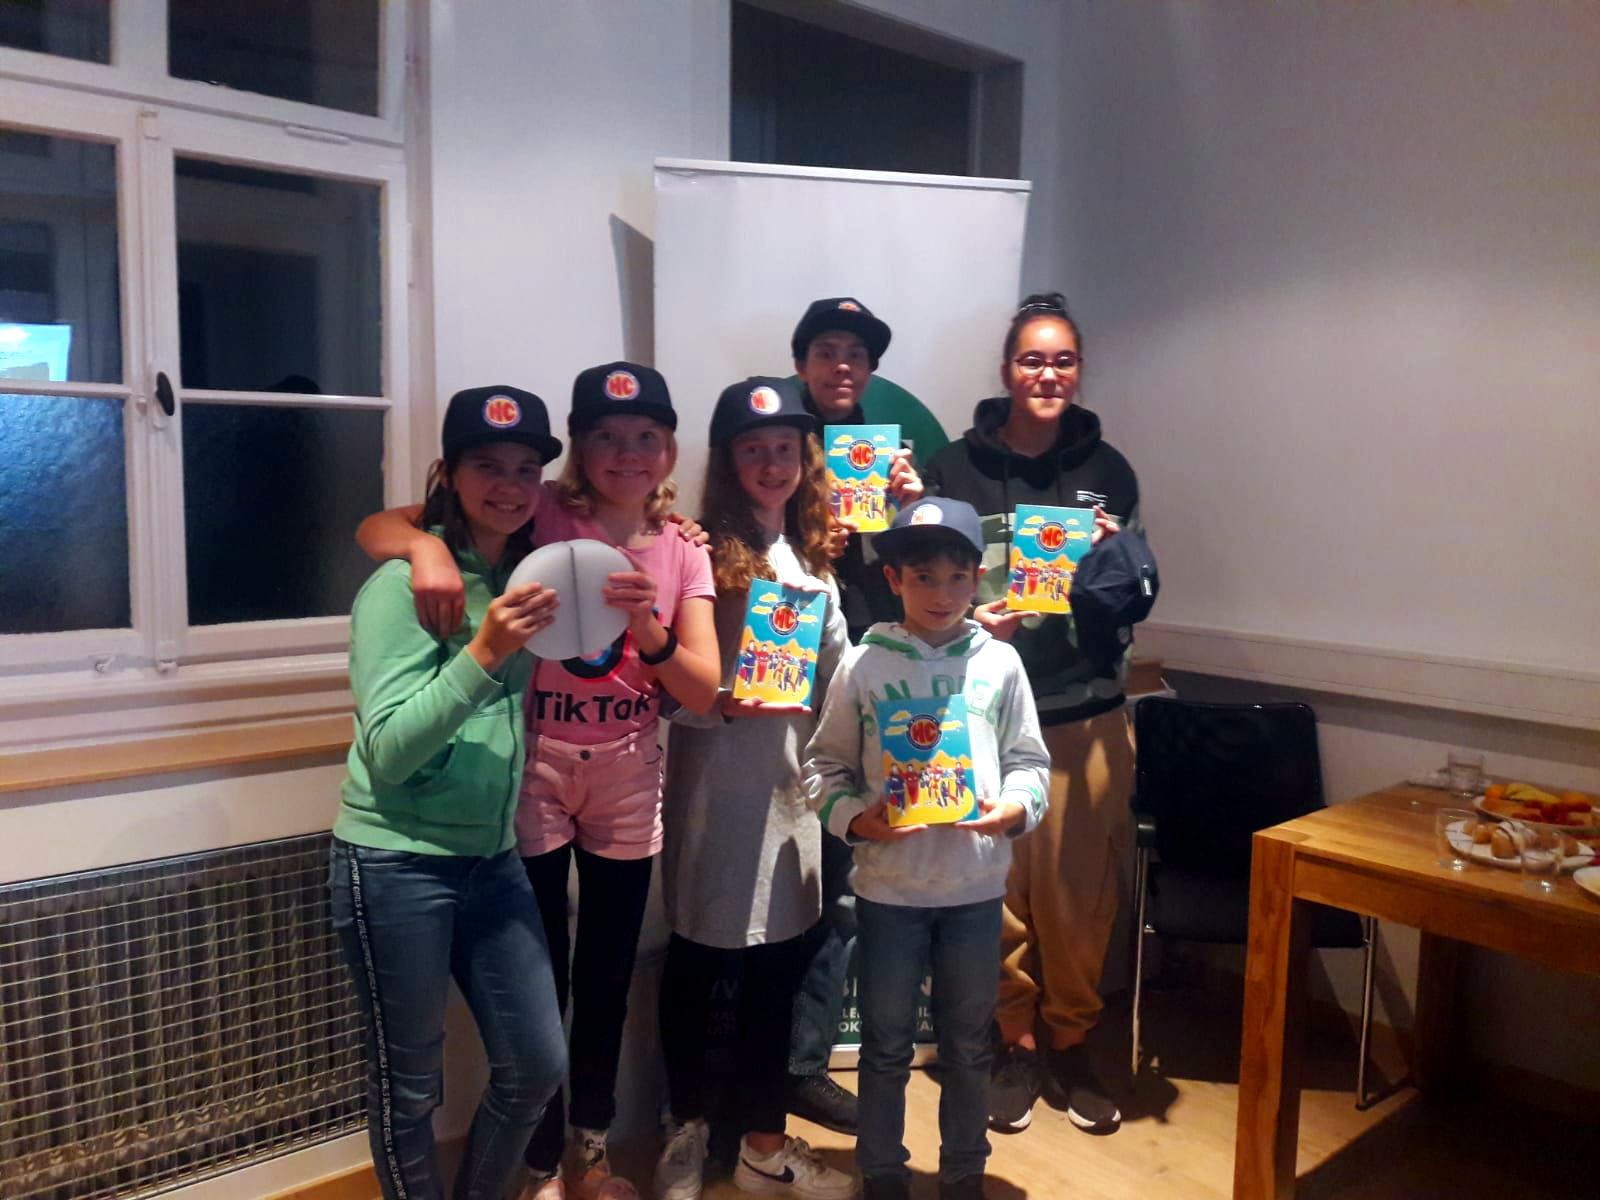 Jugendliche präsentieren stolz ihr Heldicapsbuch und den Einheitspreis.